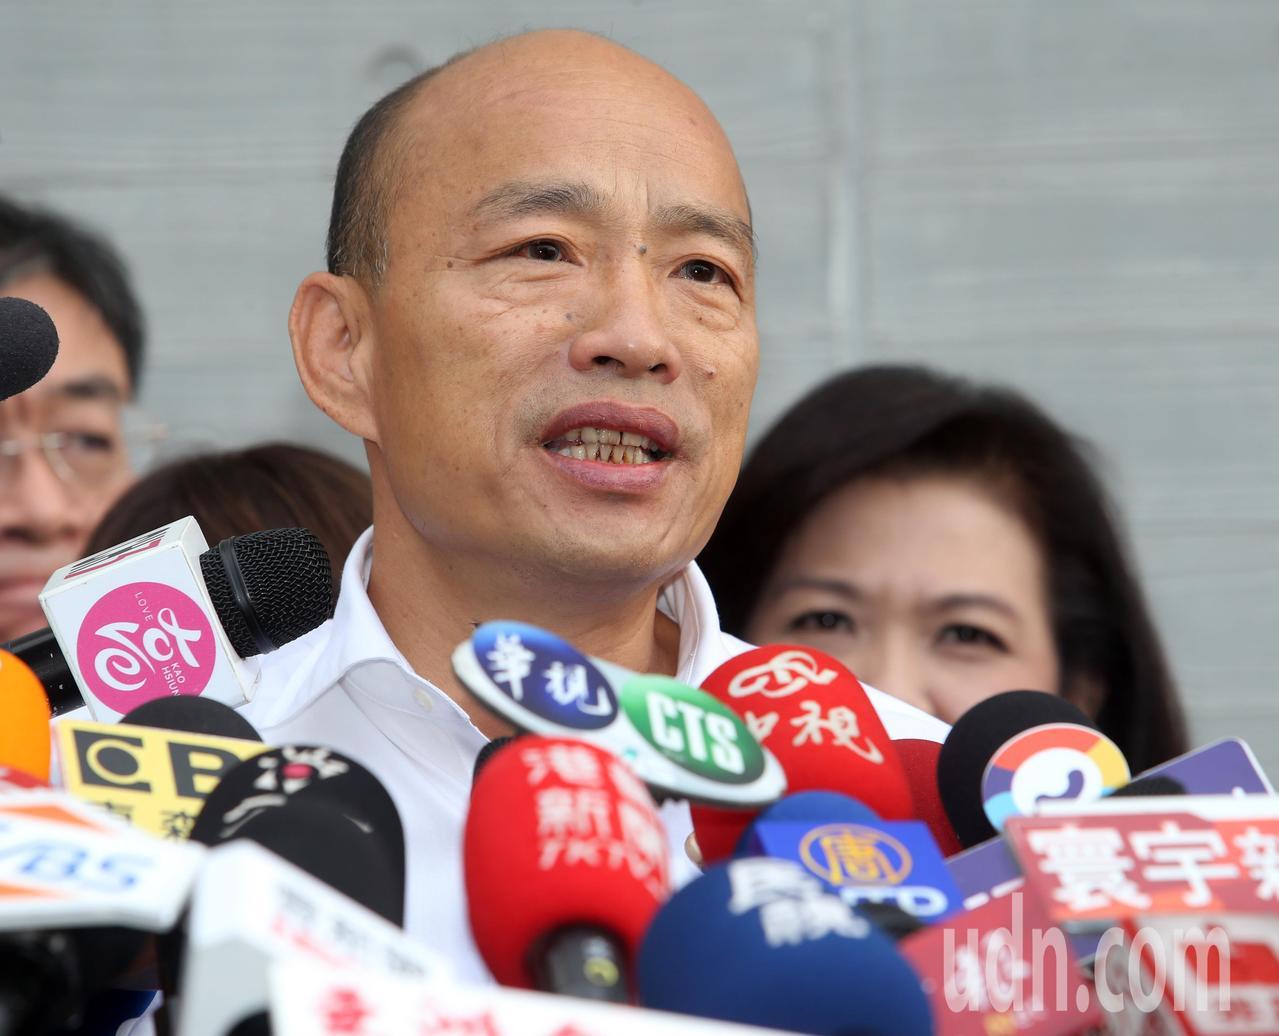 高雄市府首度舉辦「體感嘉年華」活動,韓國瑜親自出席。記者劉學聖/攝影